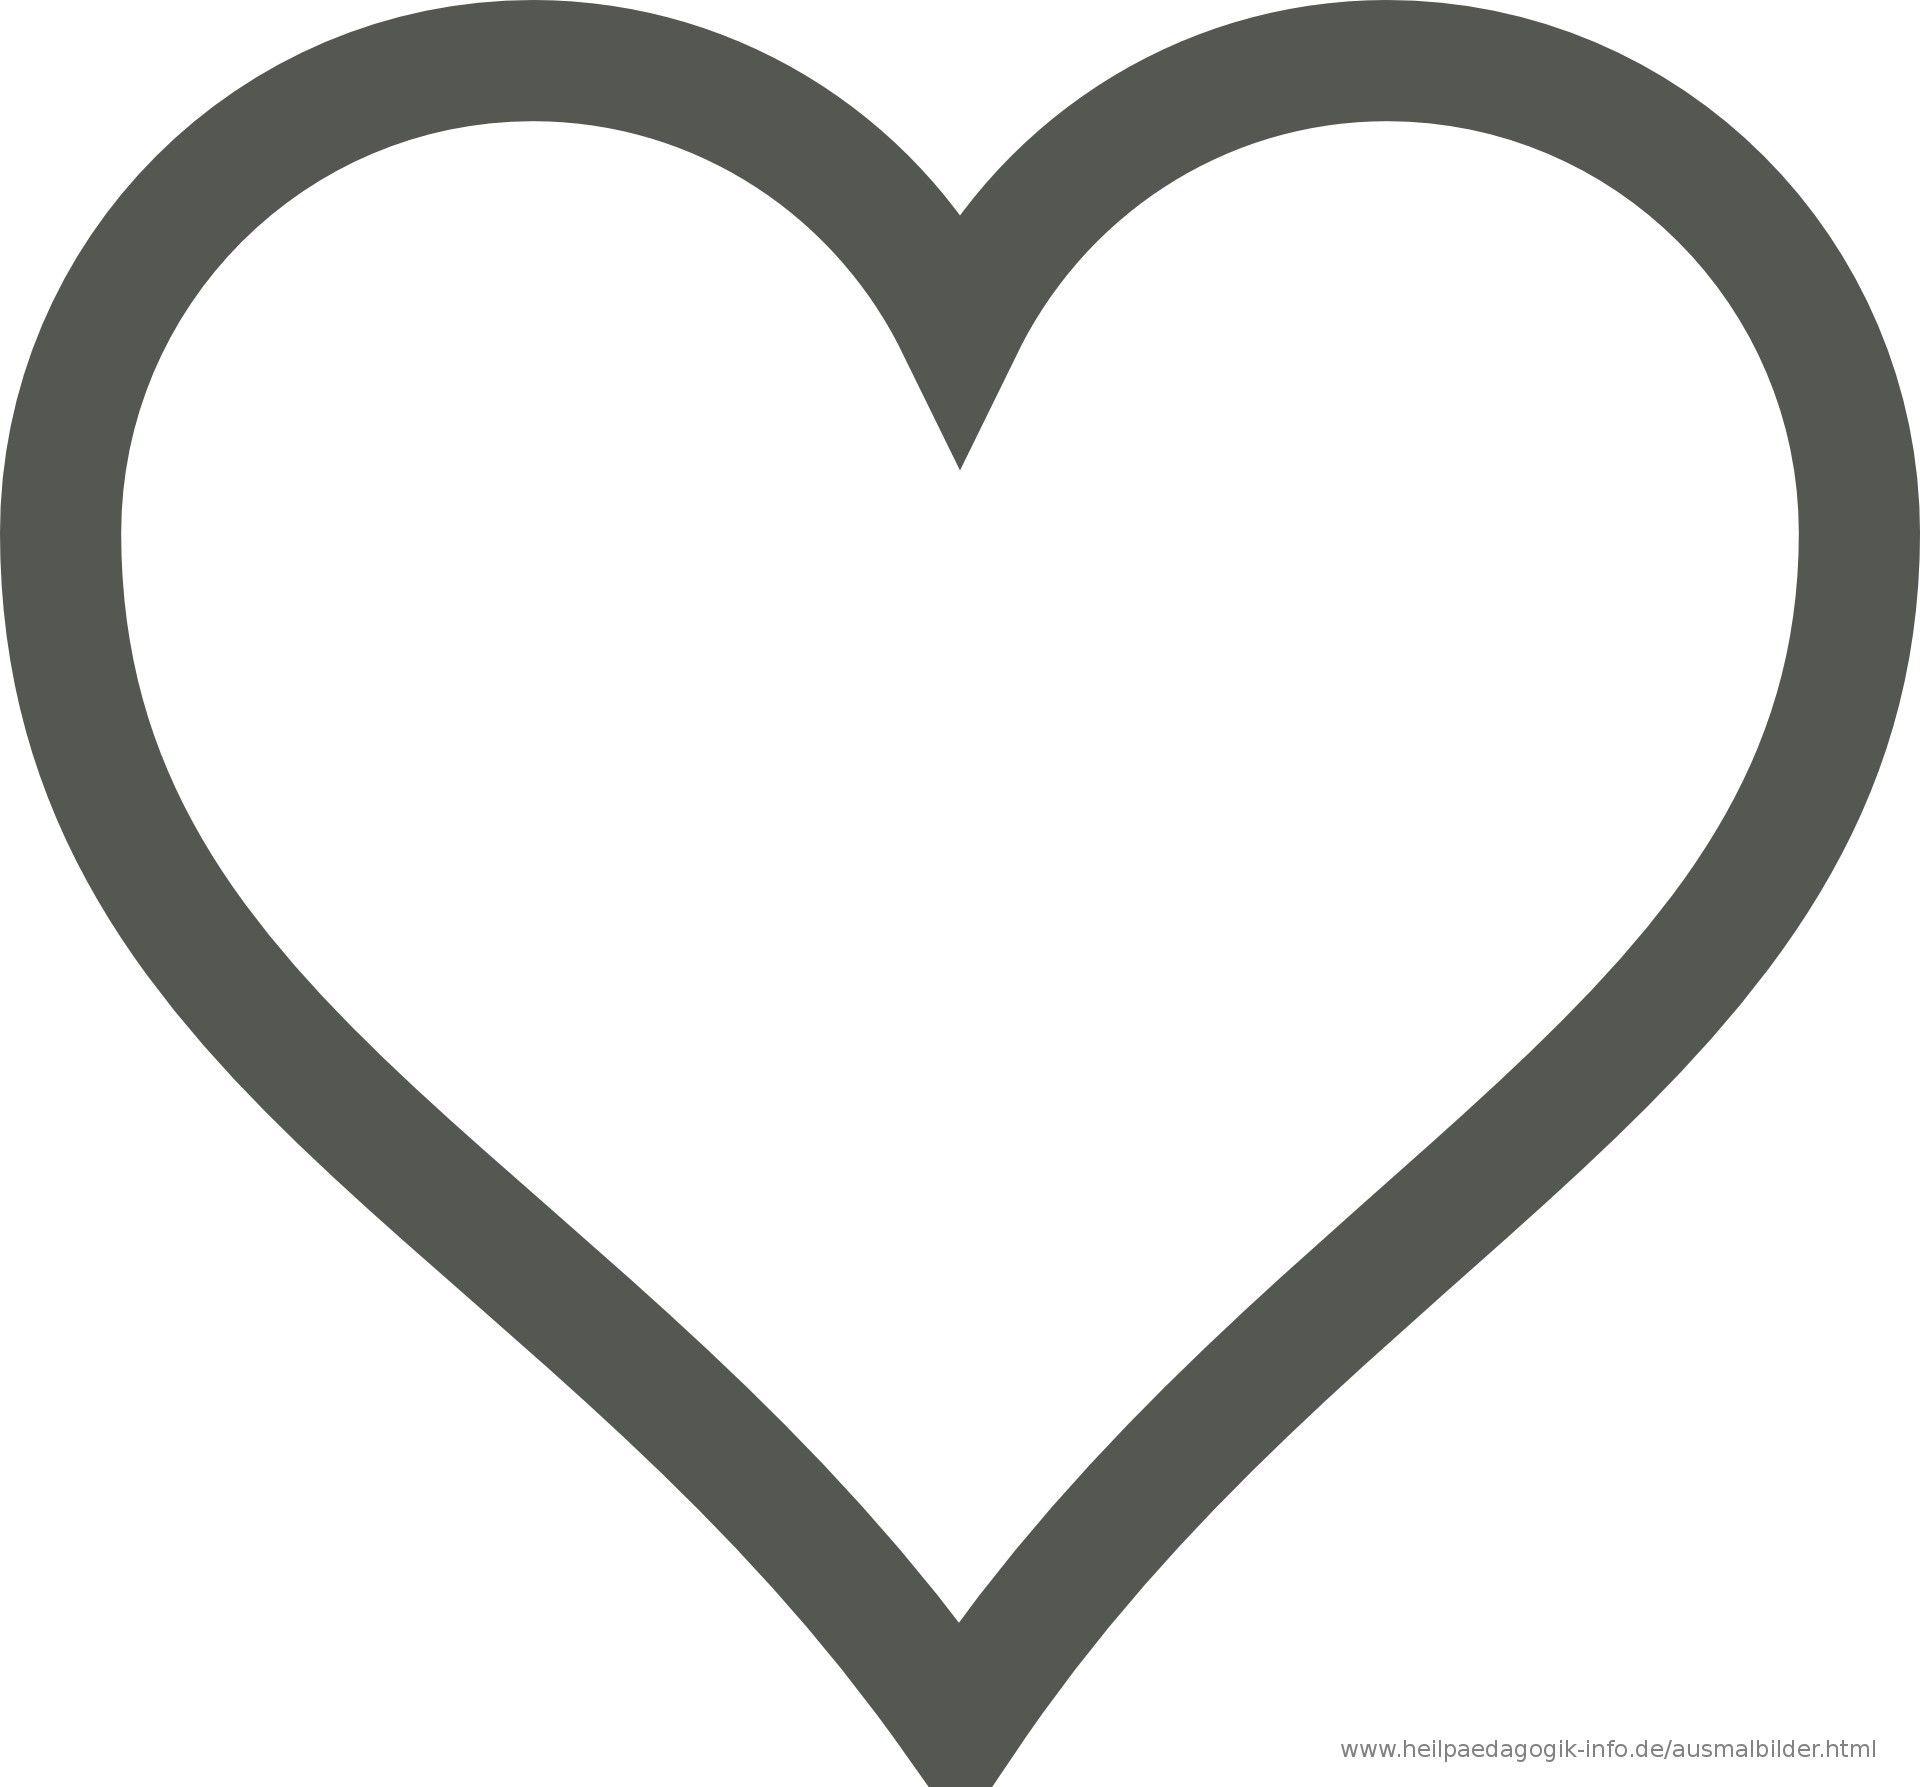 Unique Herz Vorlage Zum Ausdrucken In 2020 | Herz Vorlage in Herz Vorlagen Zum Ausdrucken